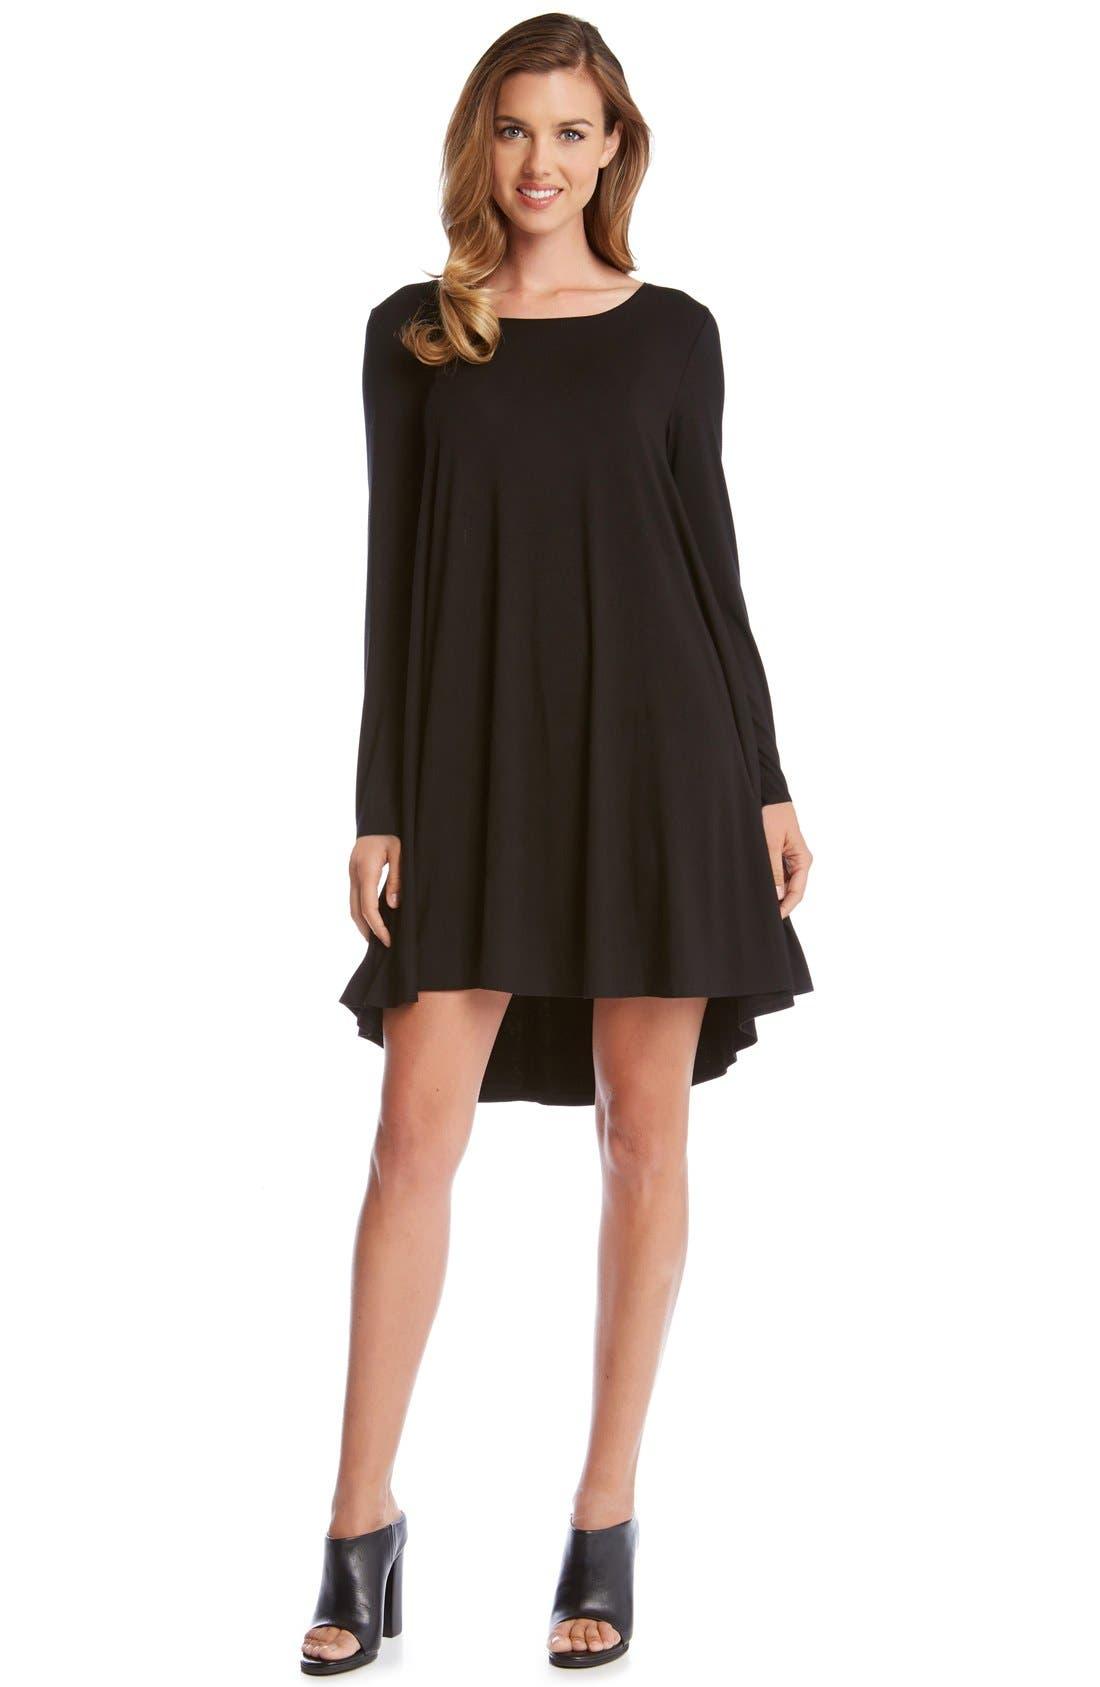 Alternate Image 1 Selected - Karen Kane Jersey Swing Dress